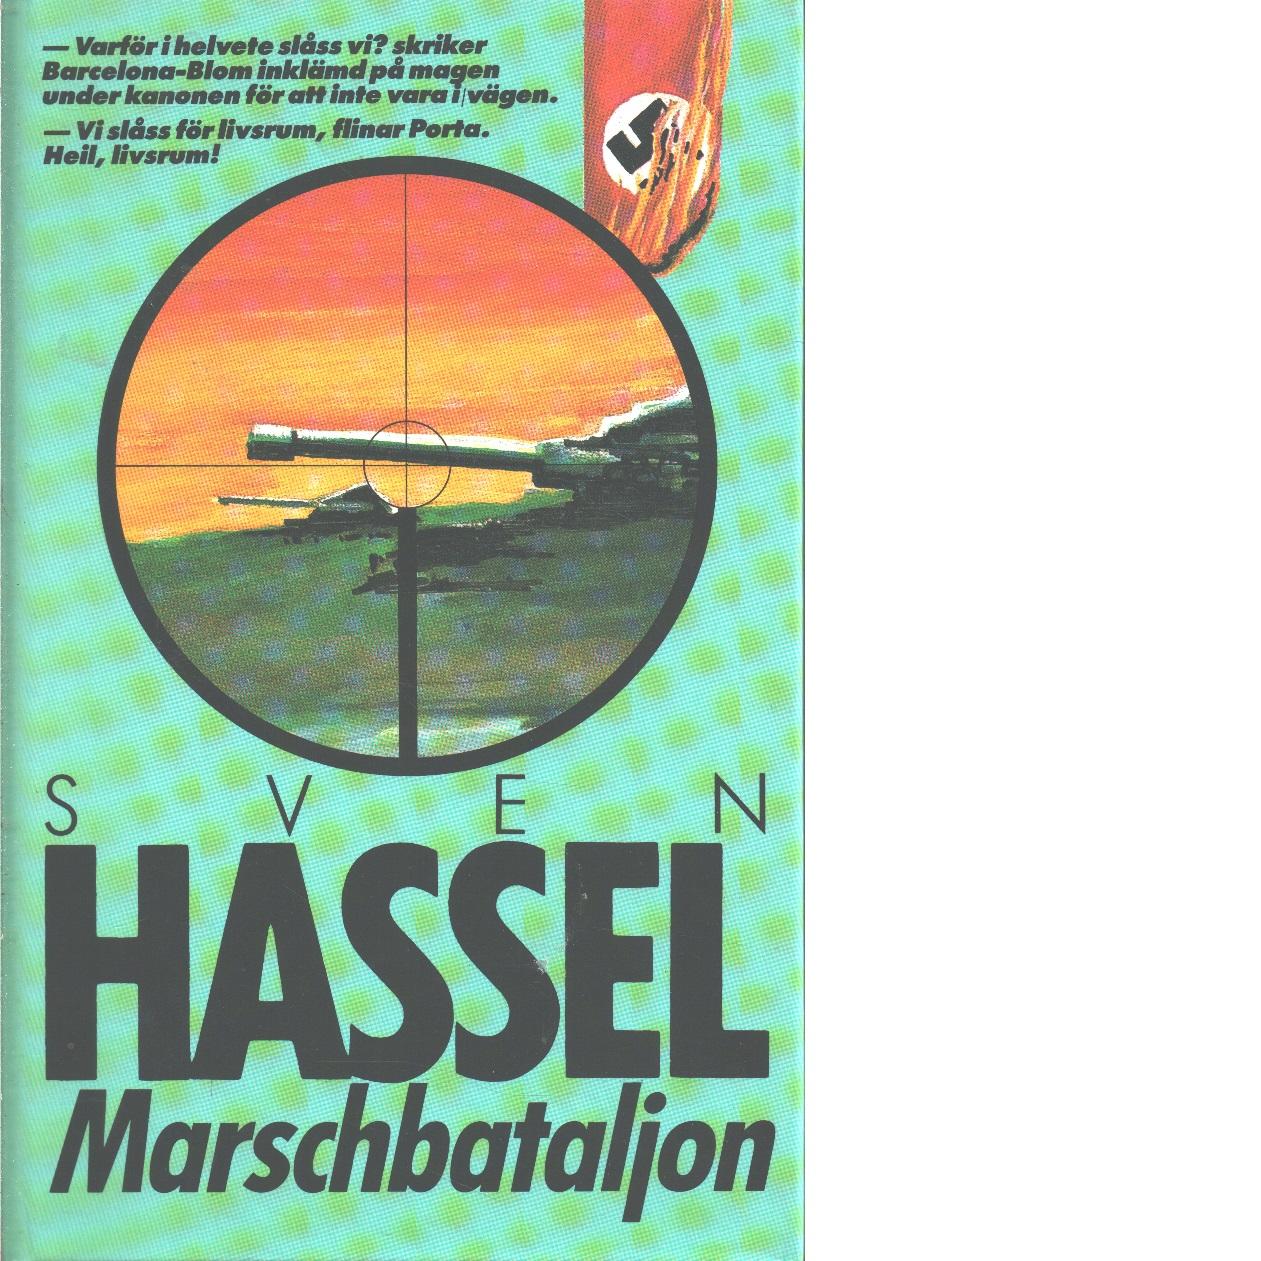 Marschbataljon - Hassel, Sven